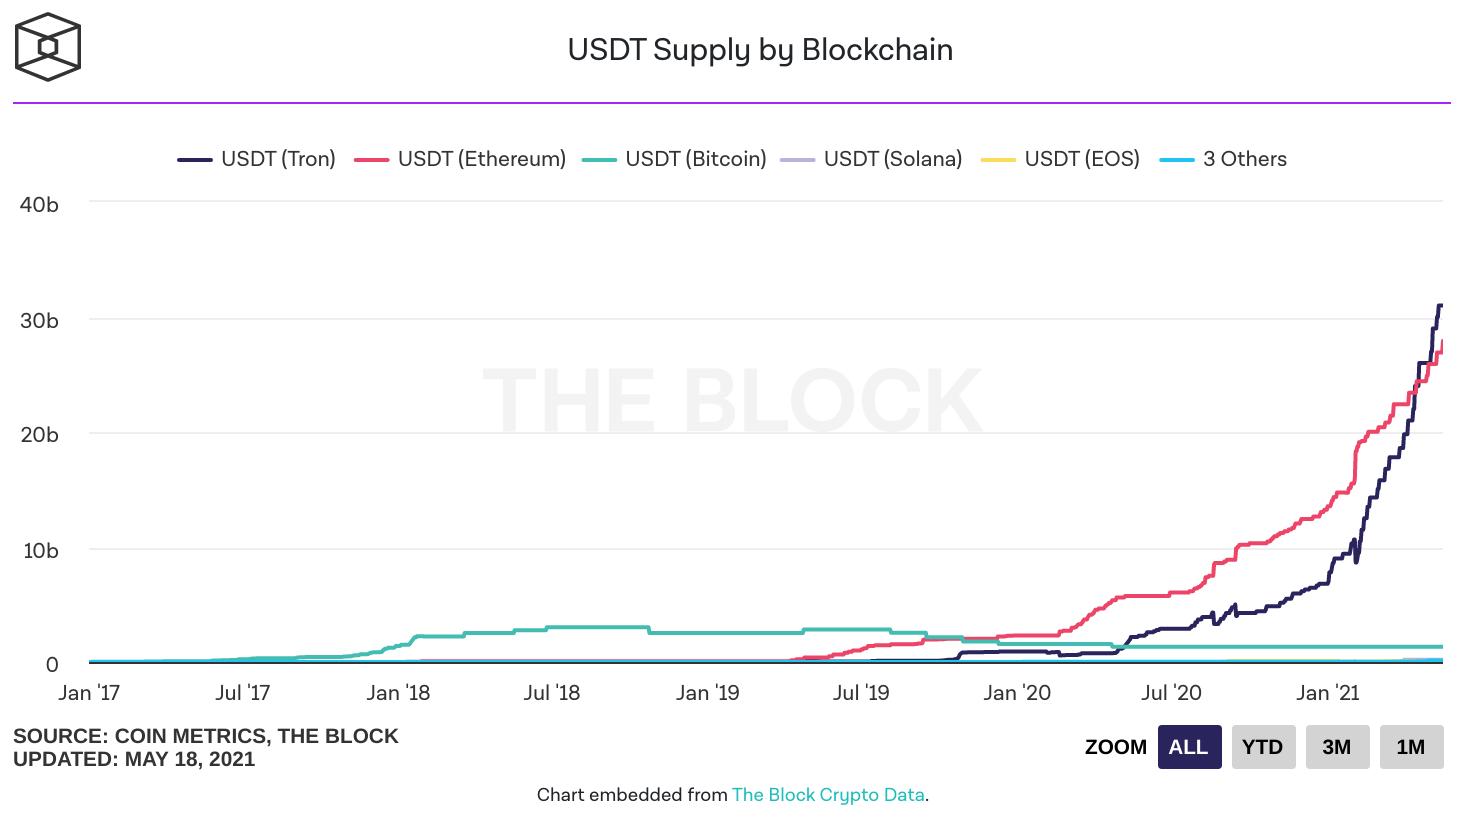 Répartition de l'offre d'USDT en circulation sur chaque blockchain